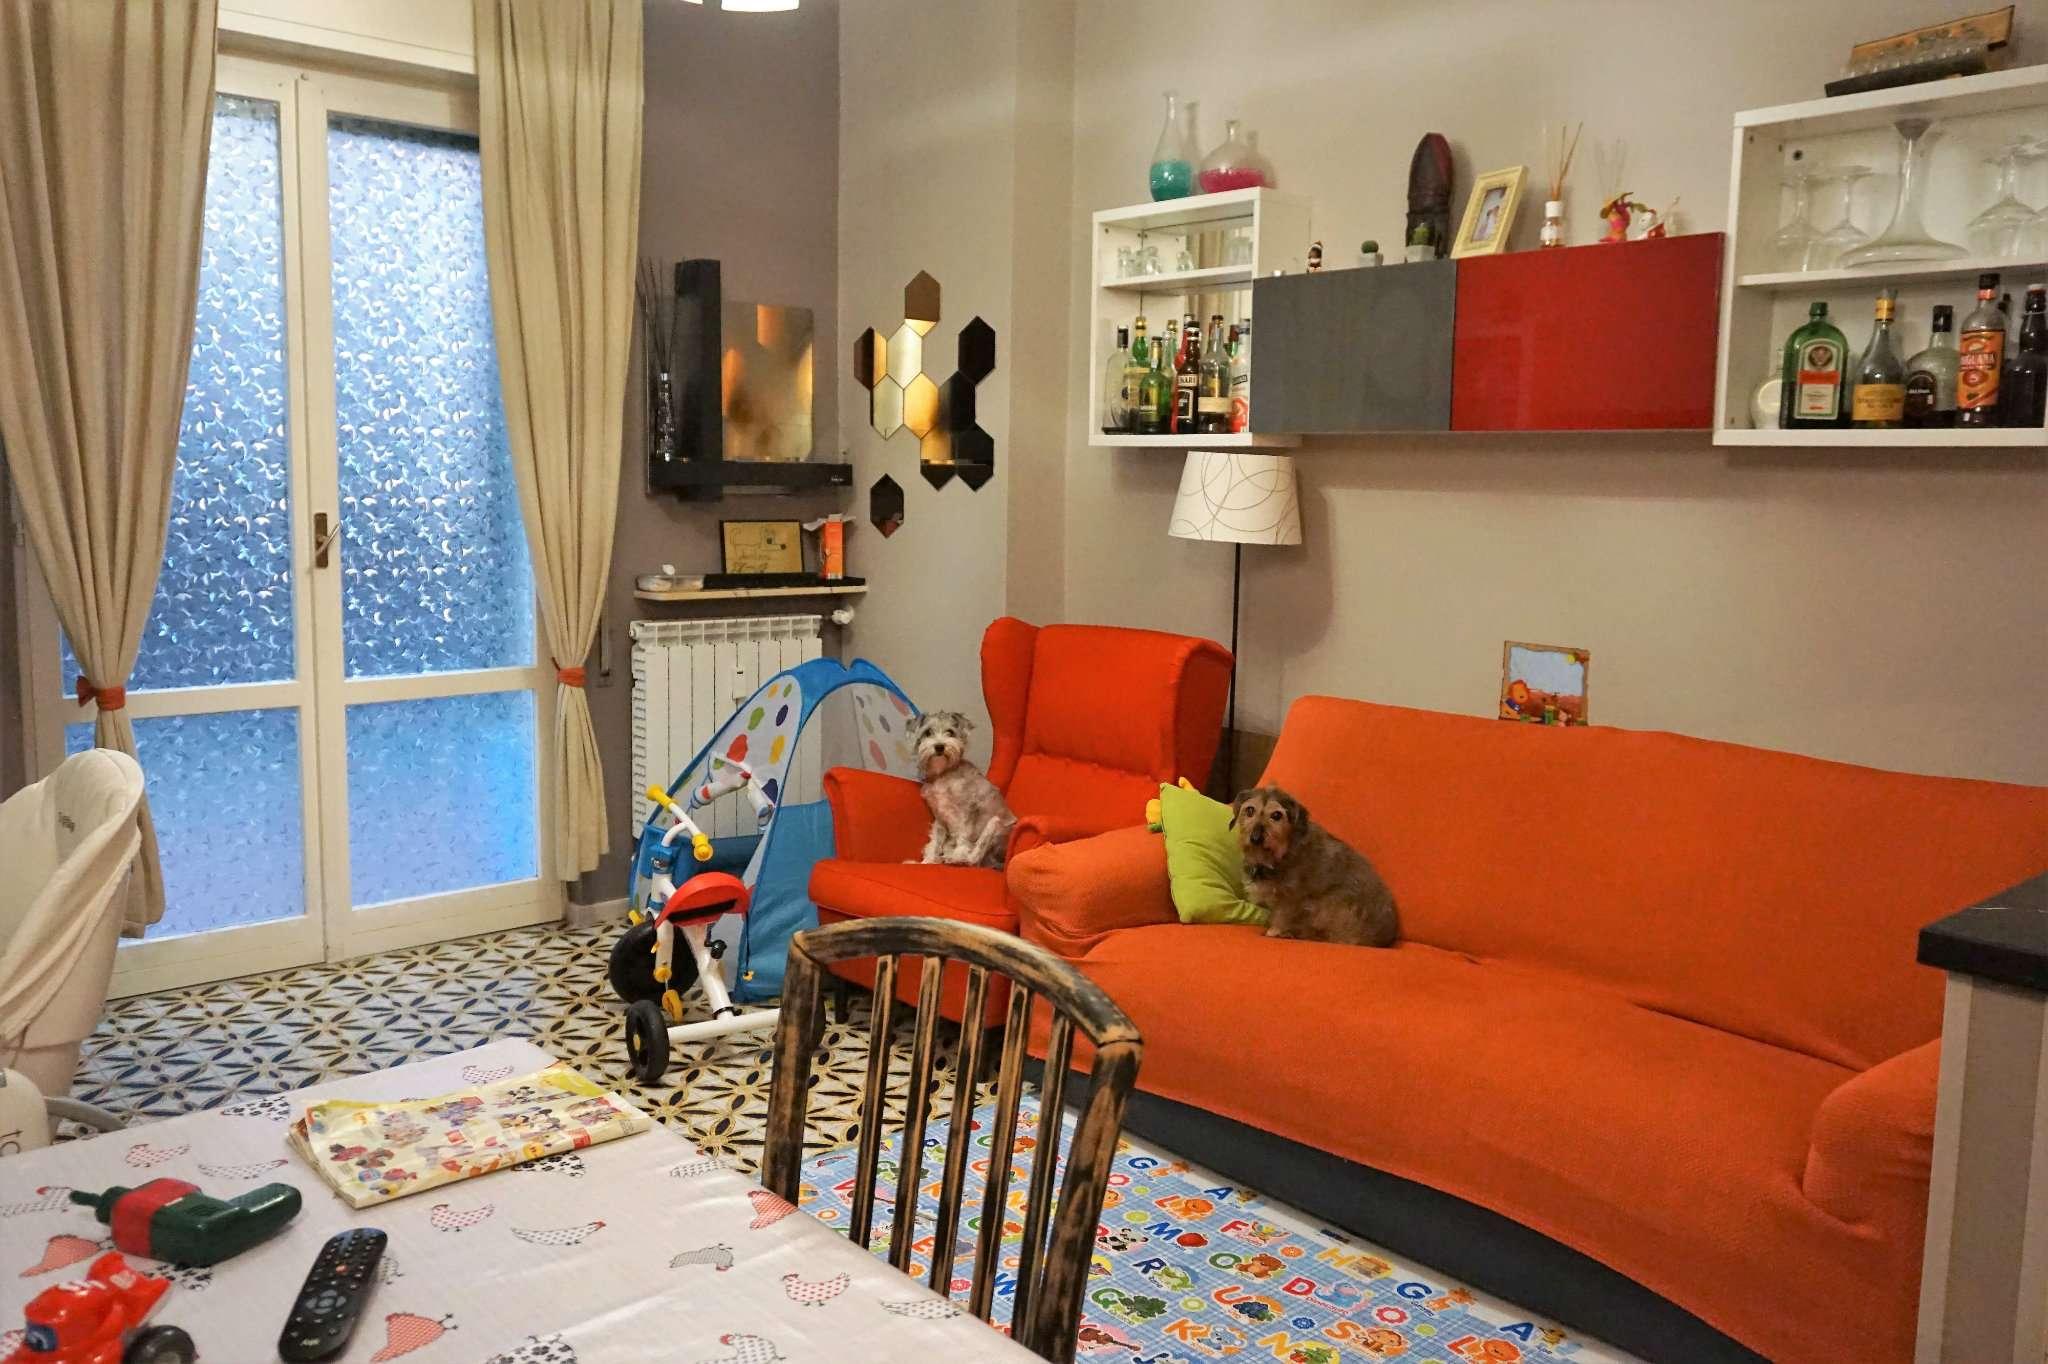 Appartamento in vendita a Casarza Ligure, 4 locali, prezzo € 165.000 | CambioCasa.it